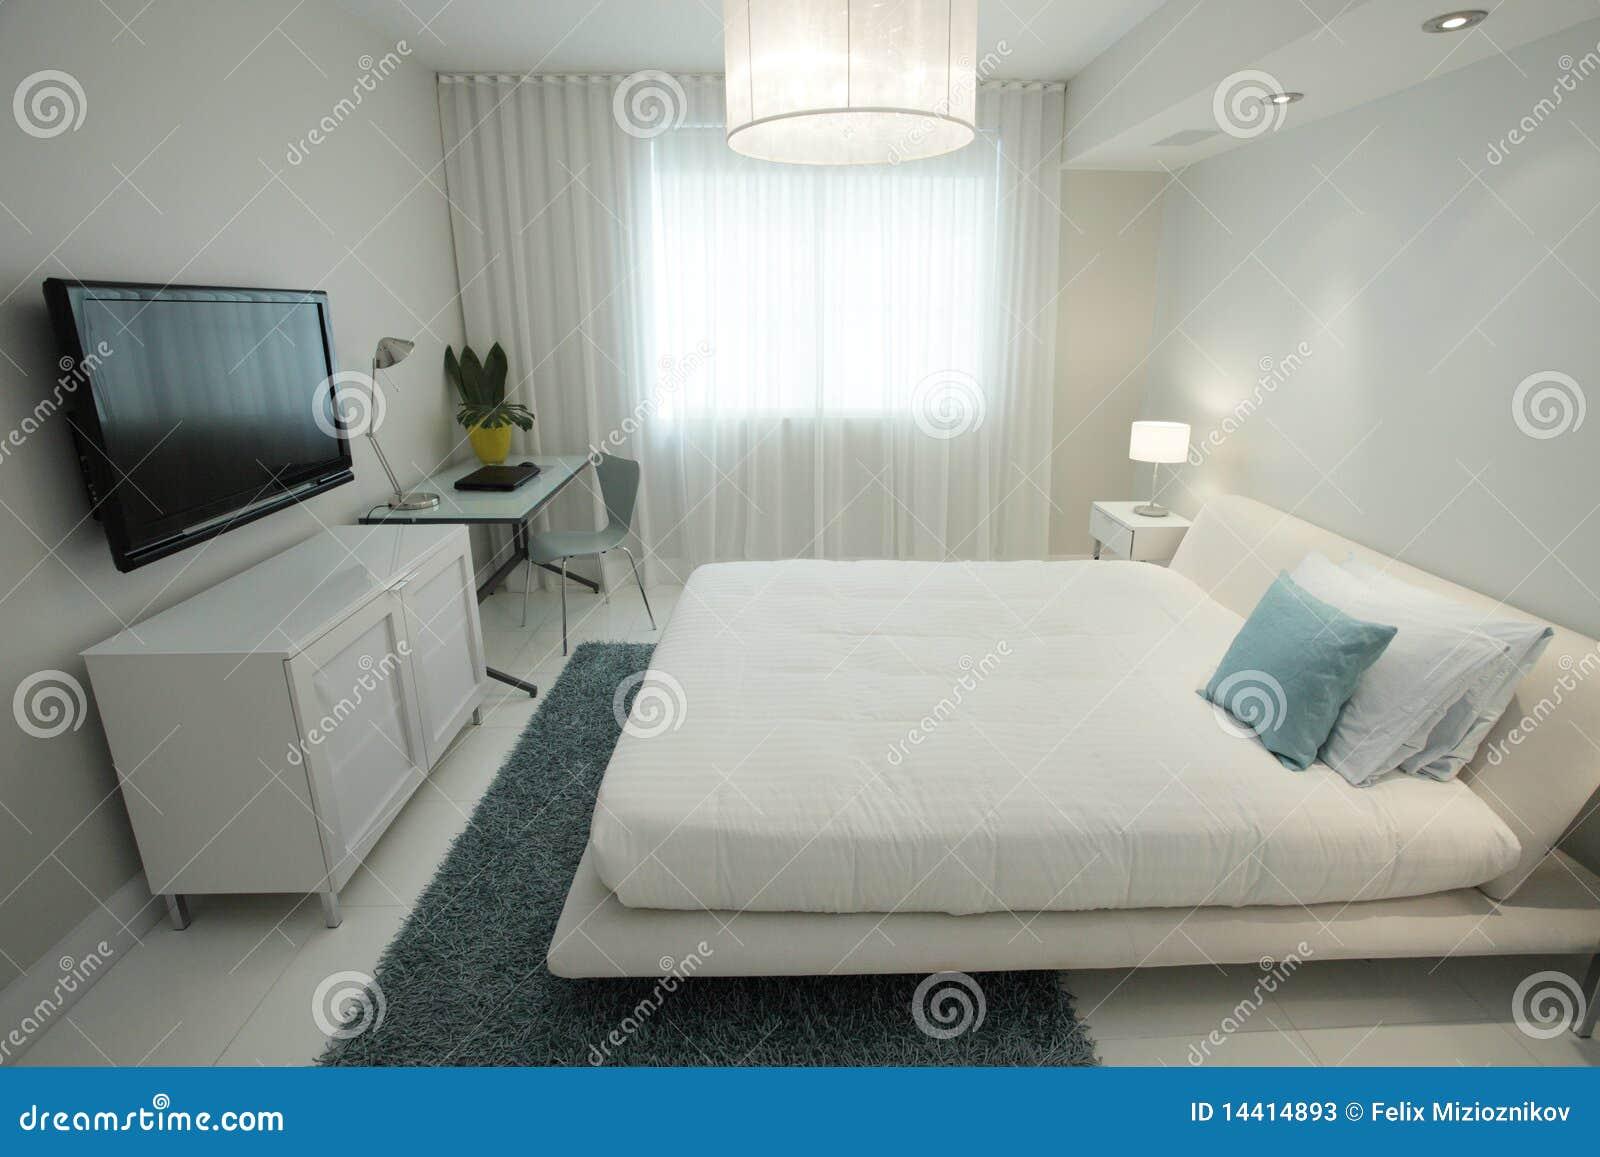 Chambre Coucher Avec Une T L Vision De Hd Image Stock Image Du  # Meuble Pour Tv Dans Une Chambre A Couche